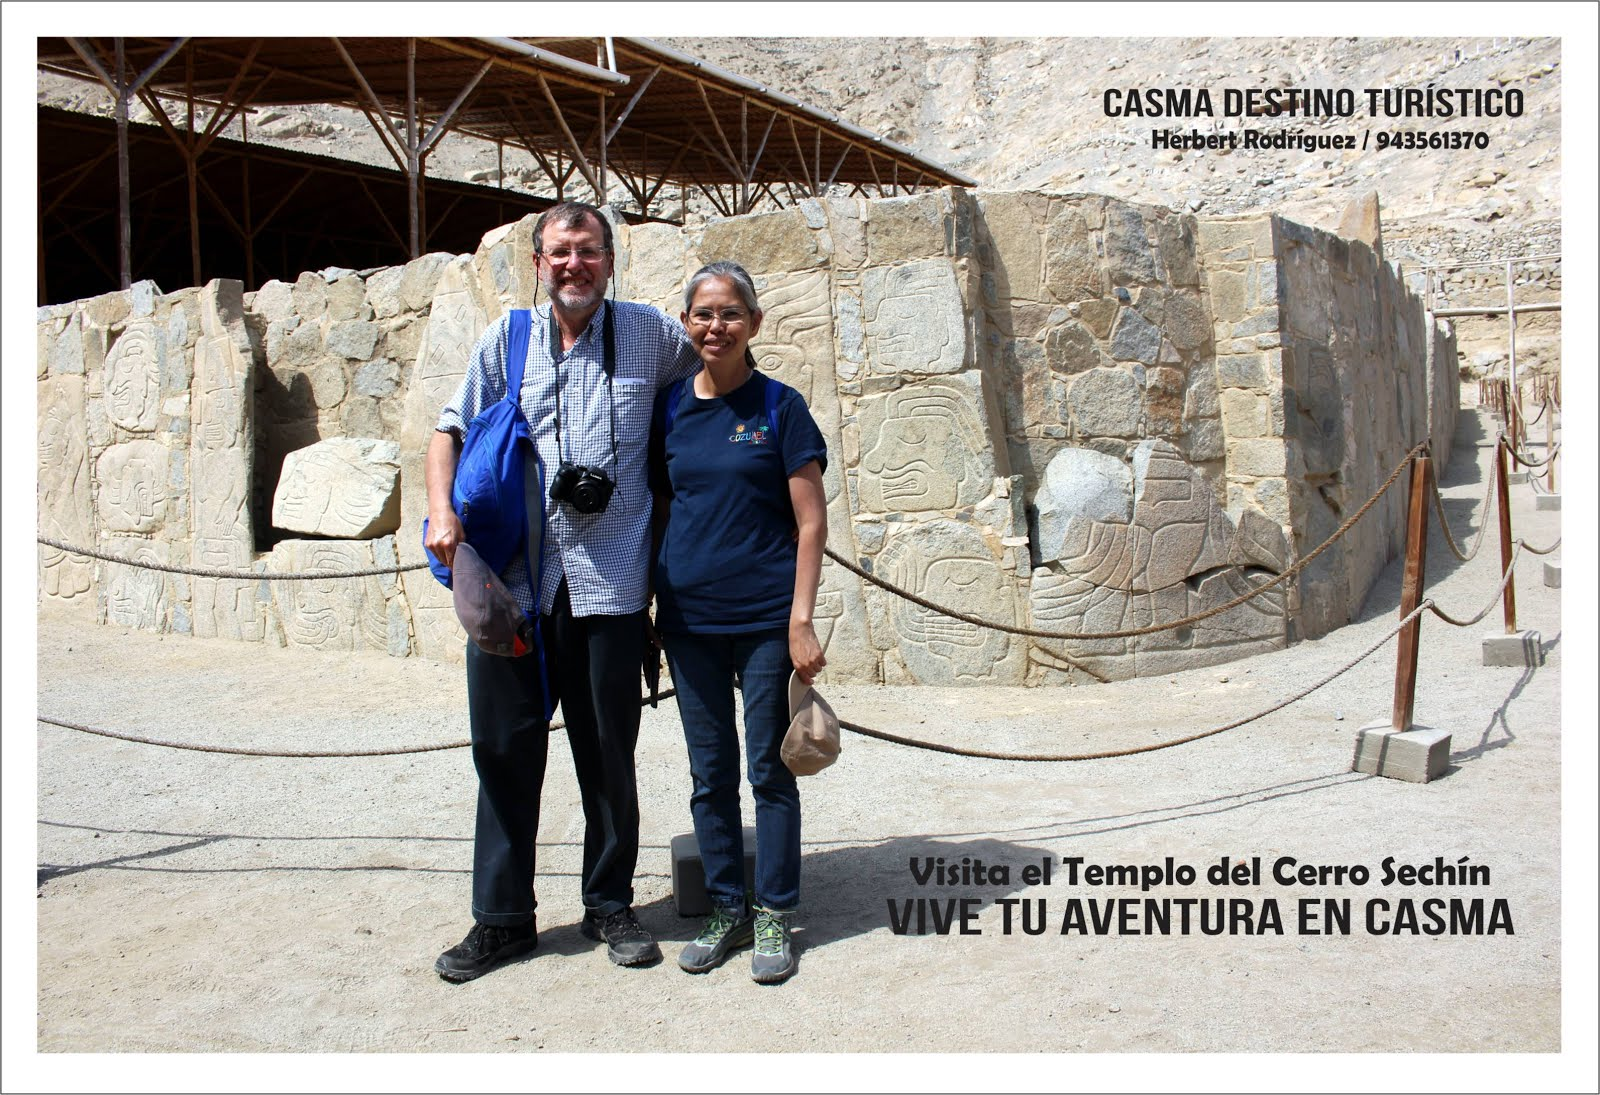 Visita el Templo del Cerro Sechín.